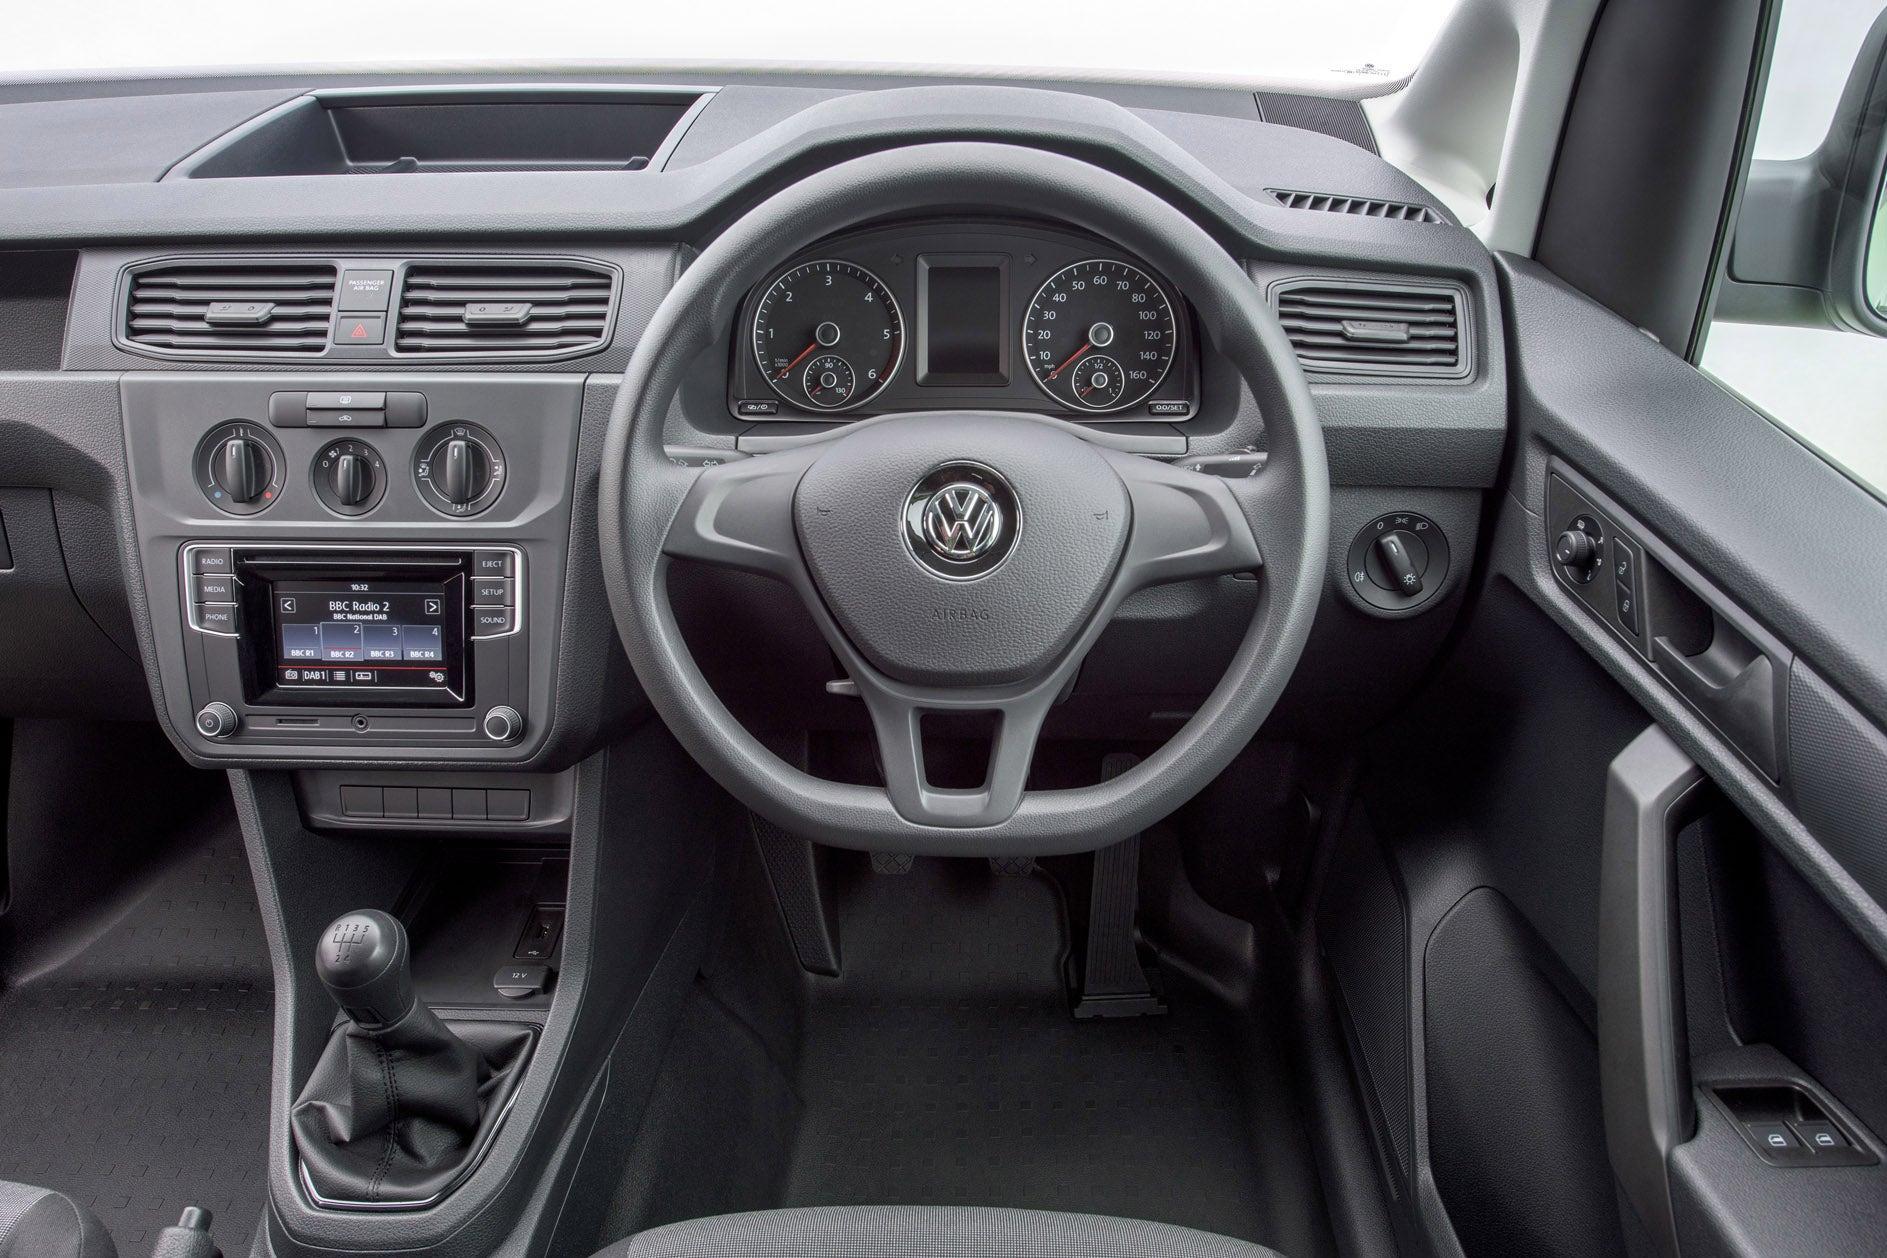 Volkswagen Caddy Front Interior